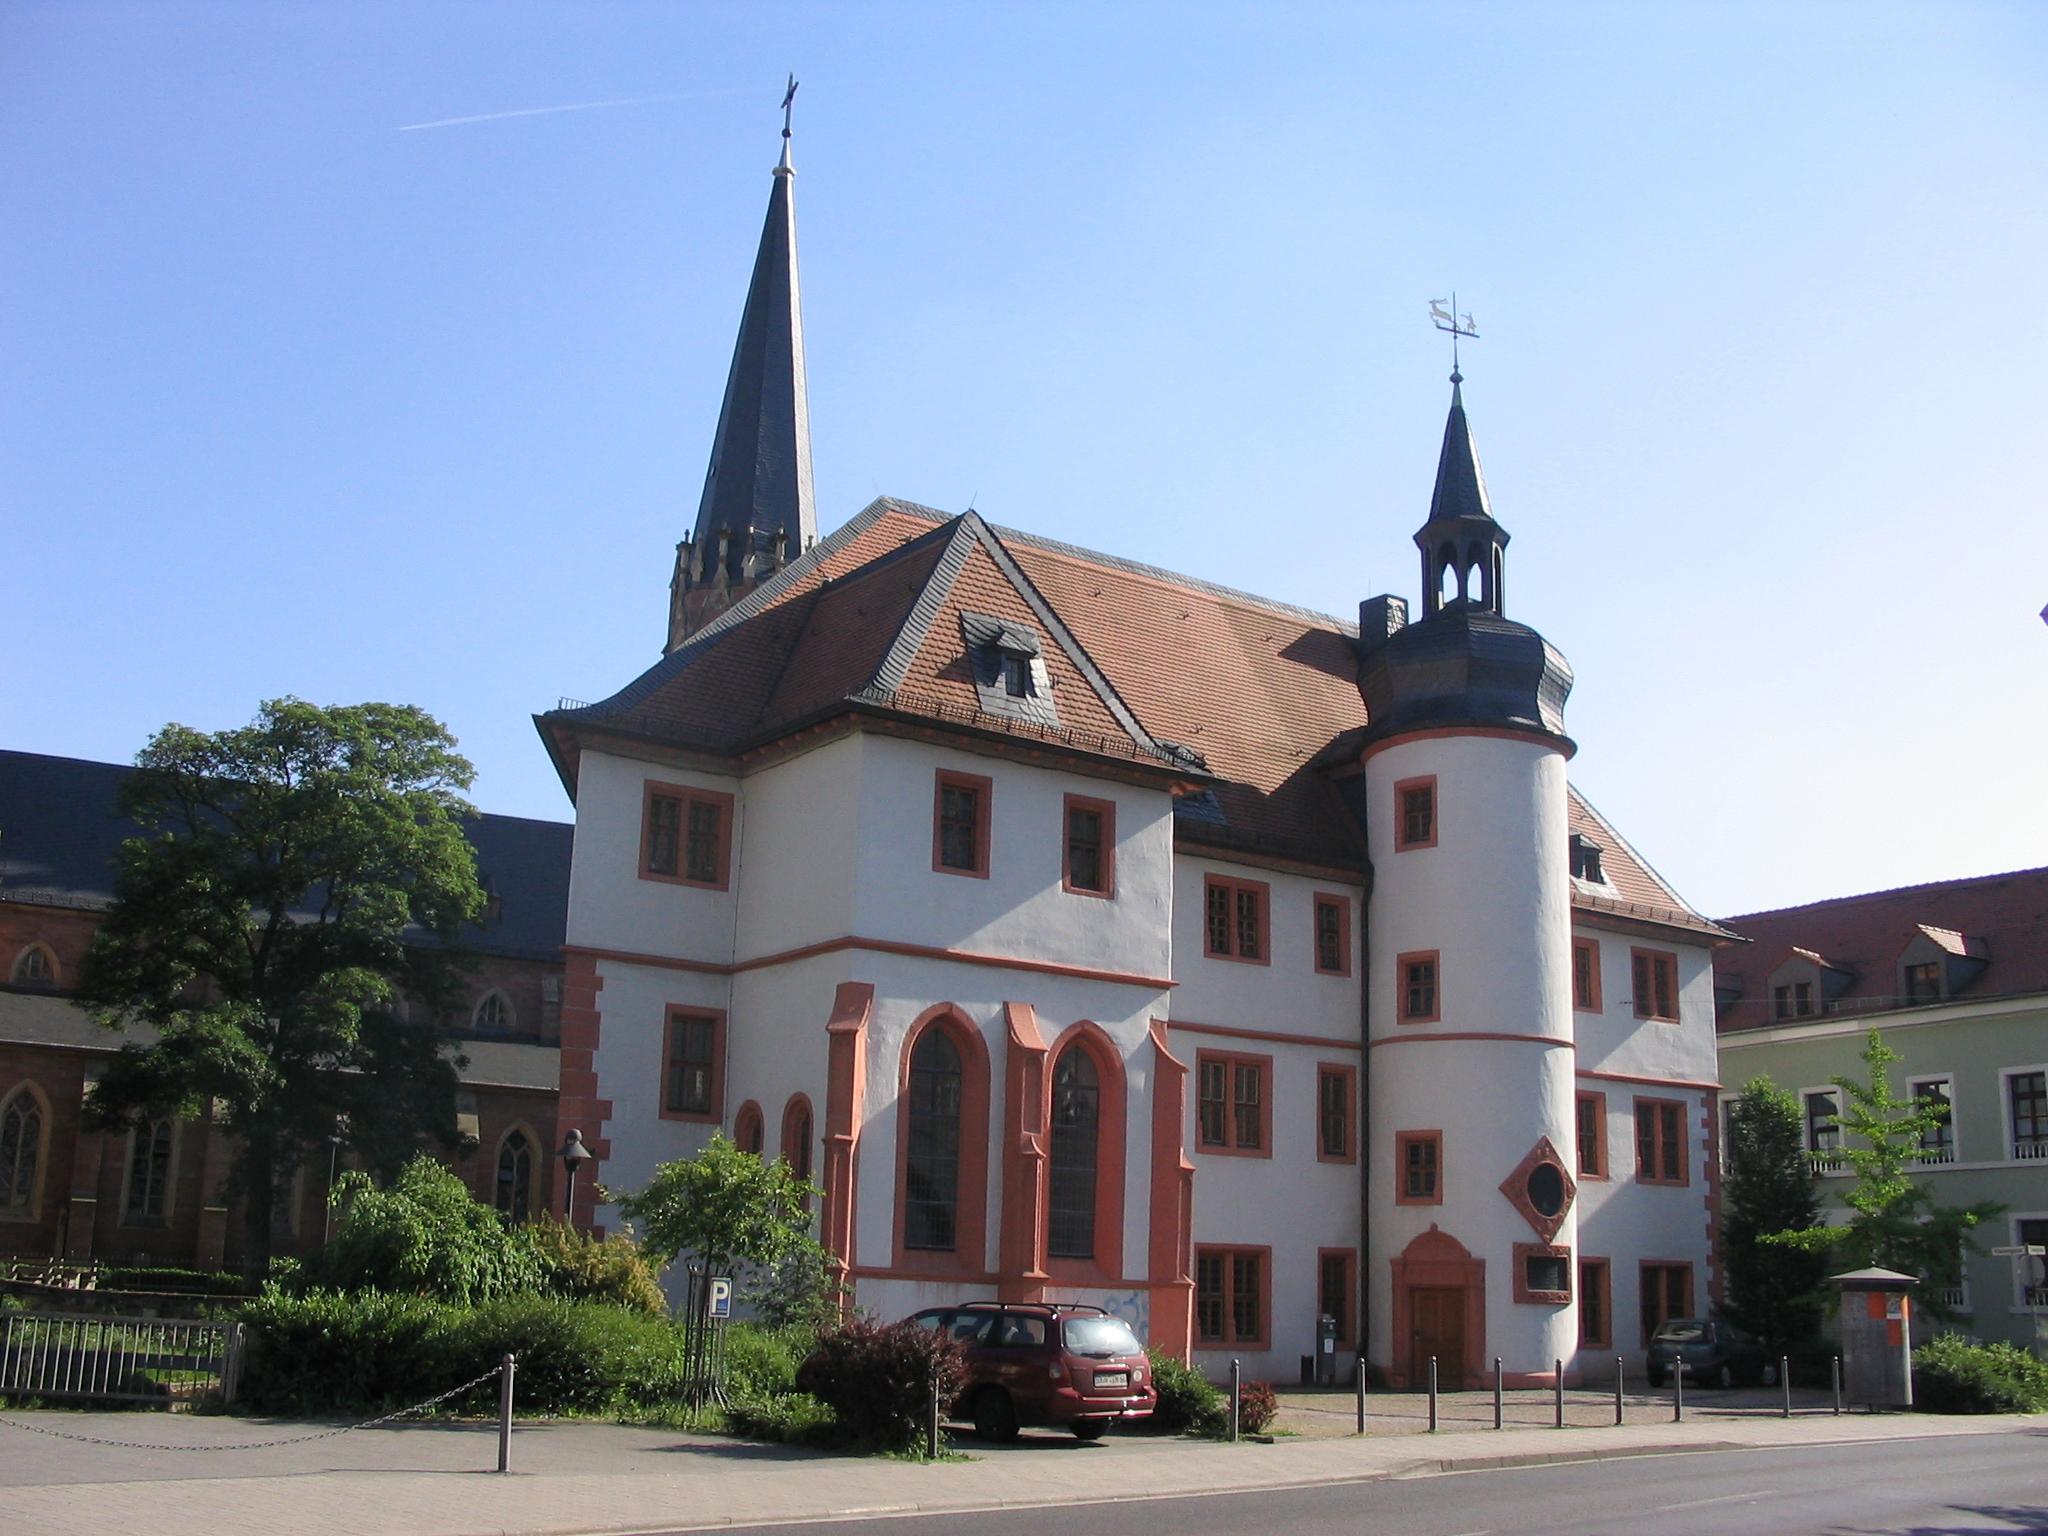 The [[Casimirianum Neustadt